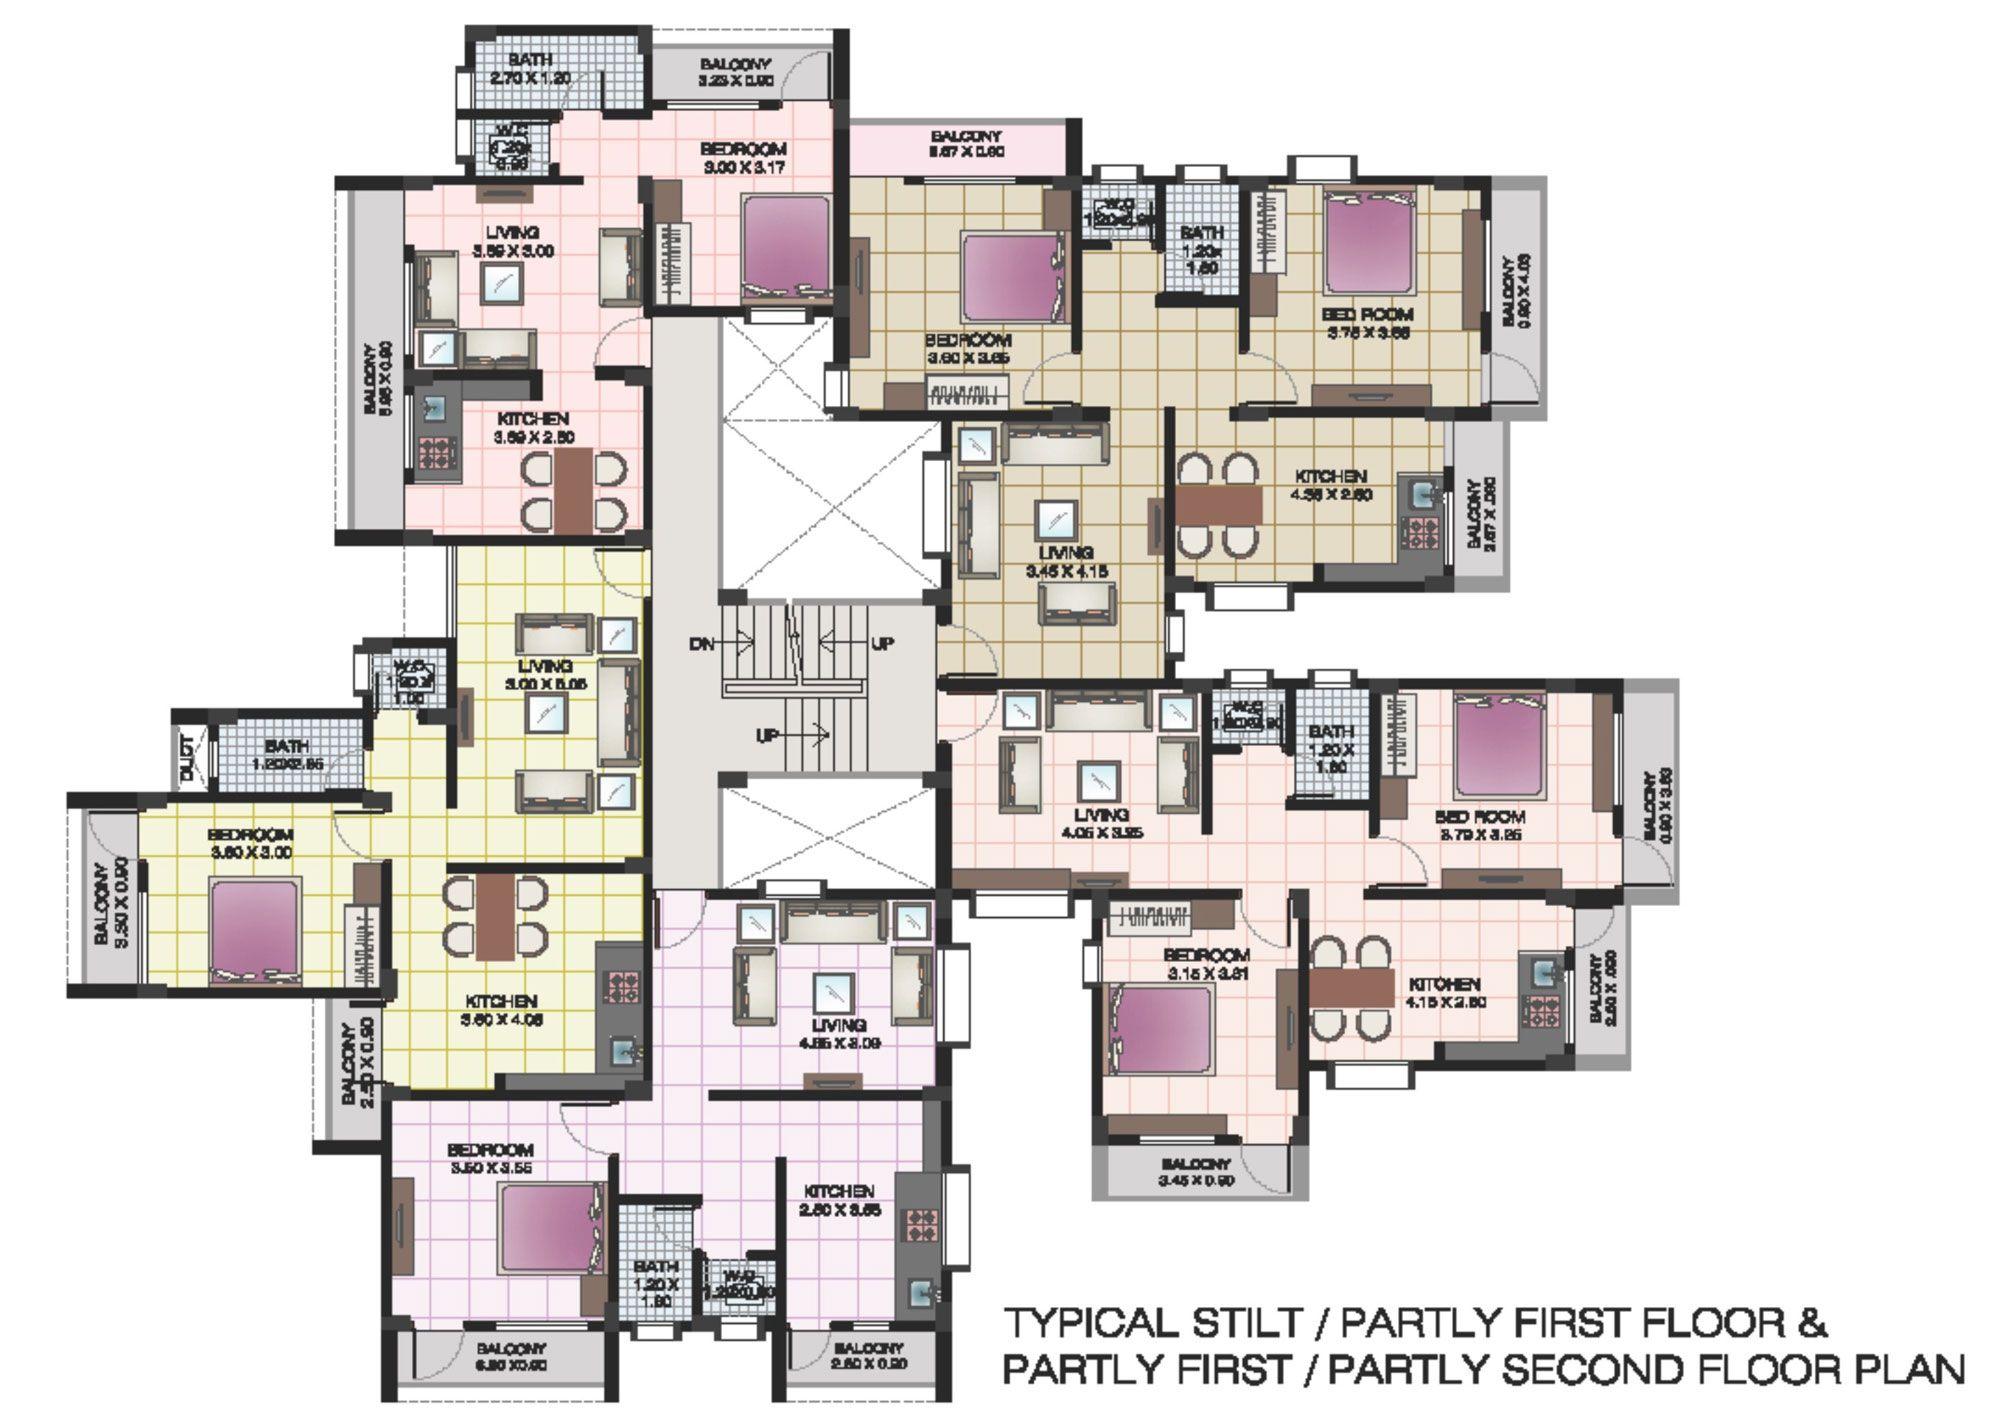 apartment structures  Apartment floor plans of shri